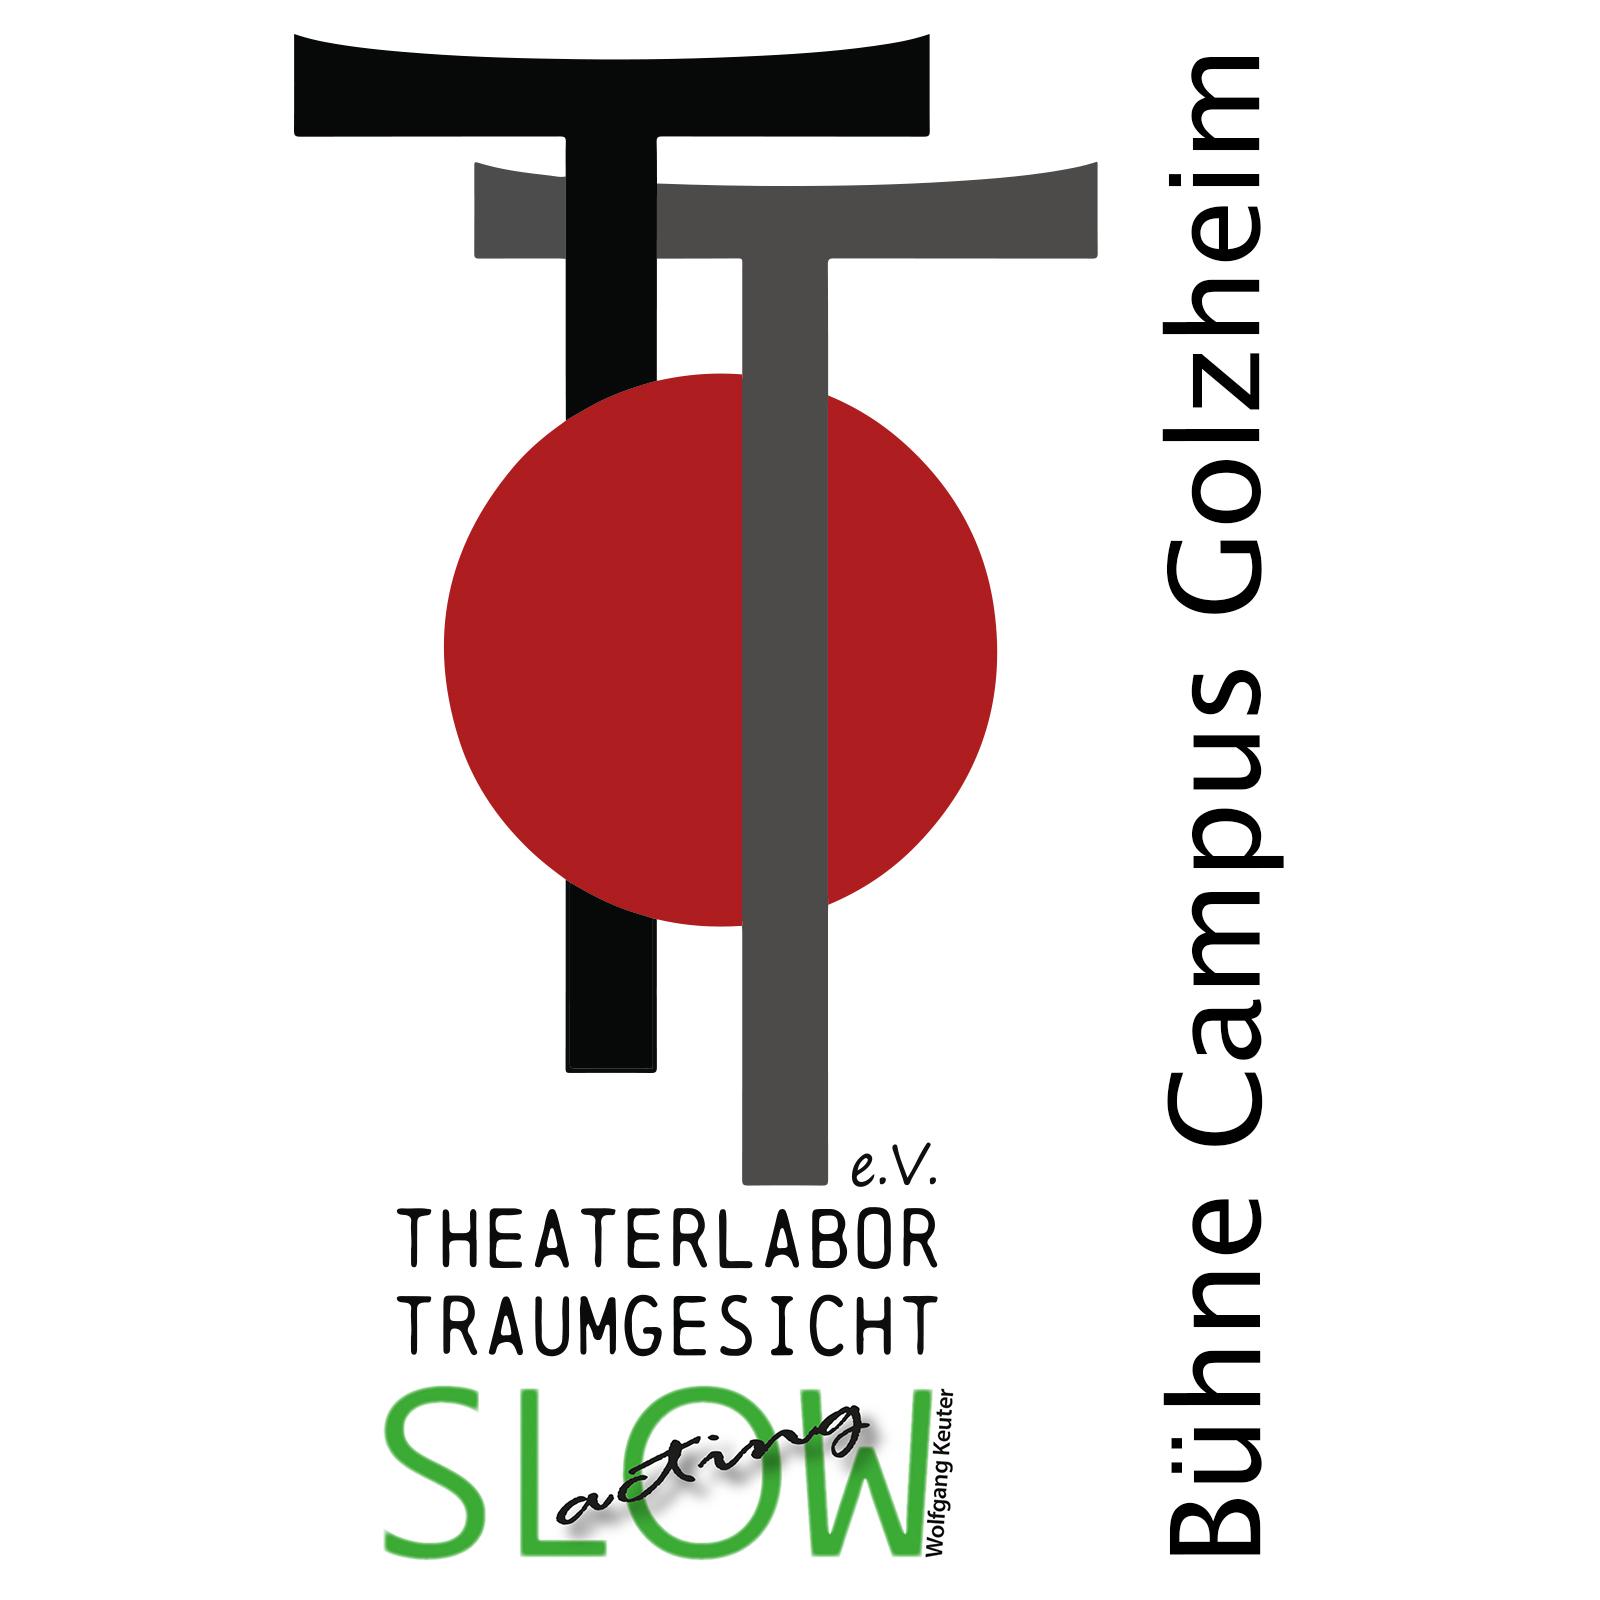 Logo und Bühne